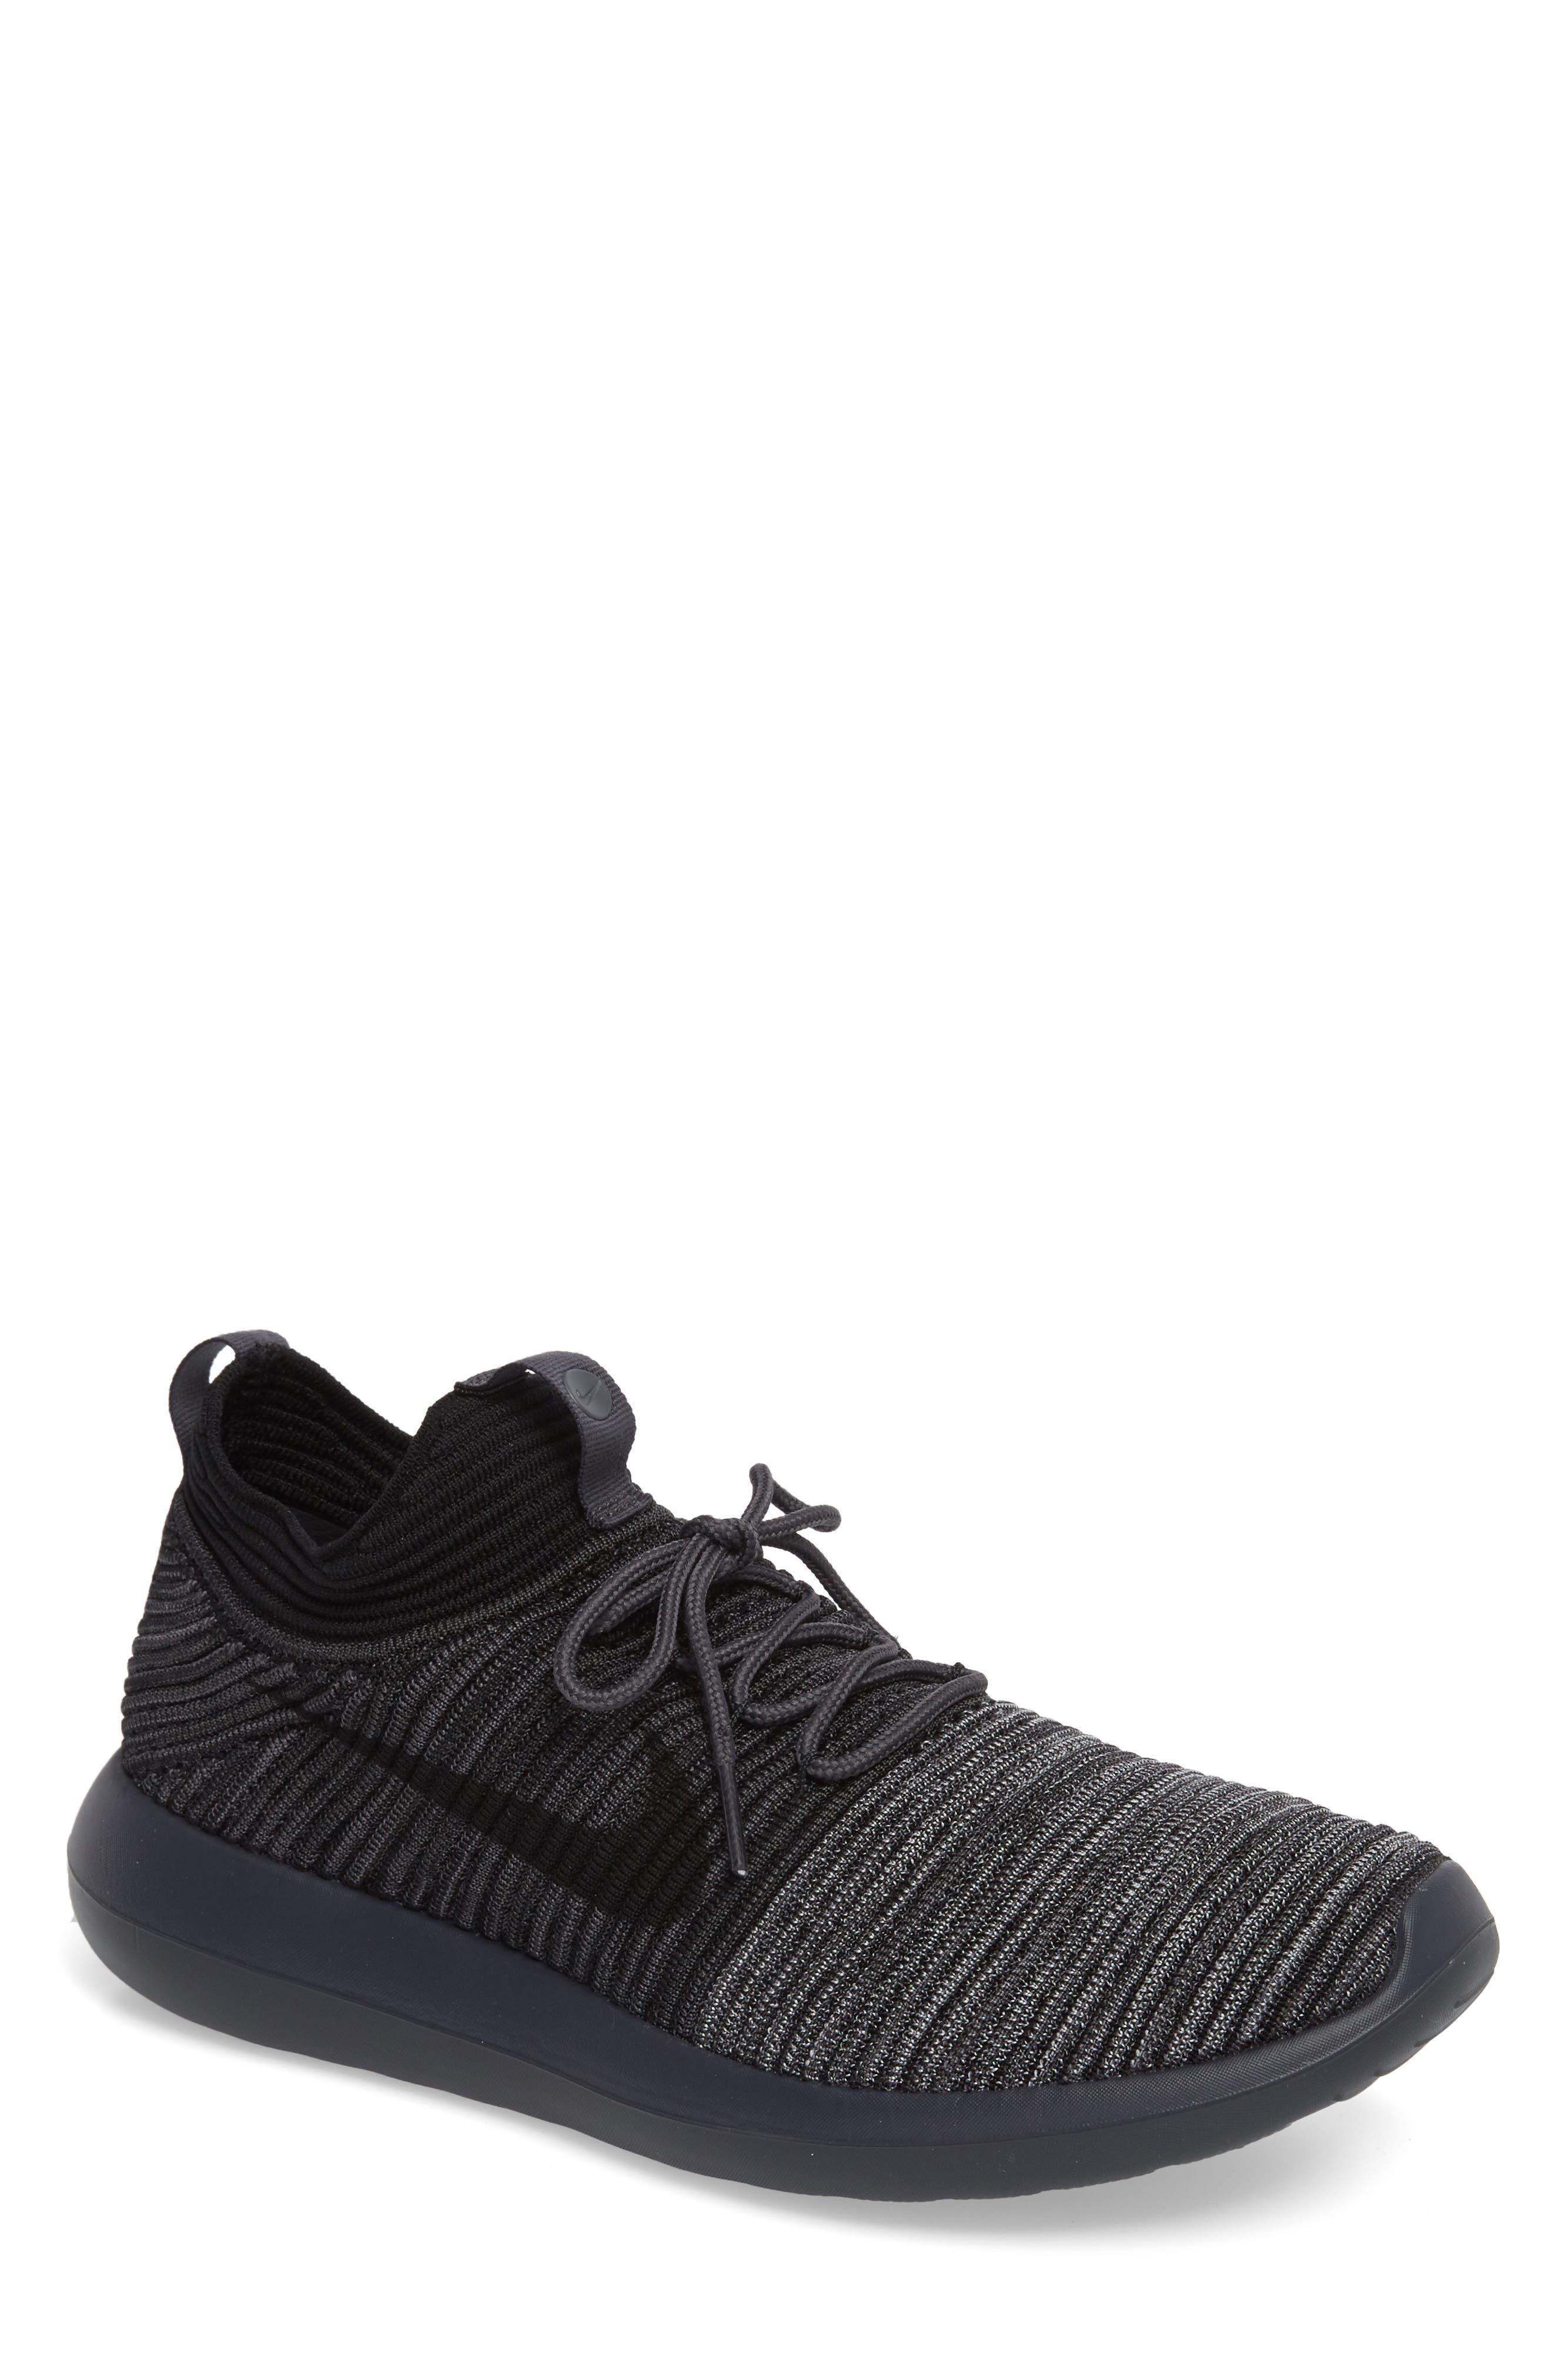 Roshe Two Flyknit V2 Sneaker,                             Main thumbnail 1, color,                             004